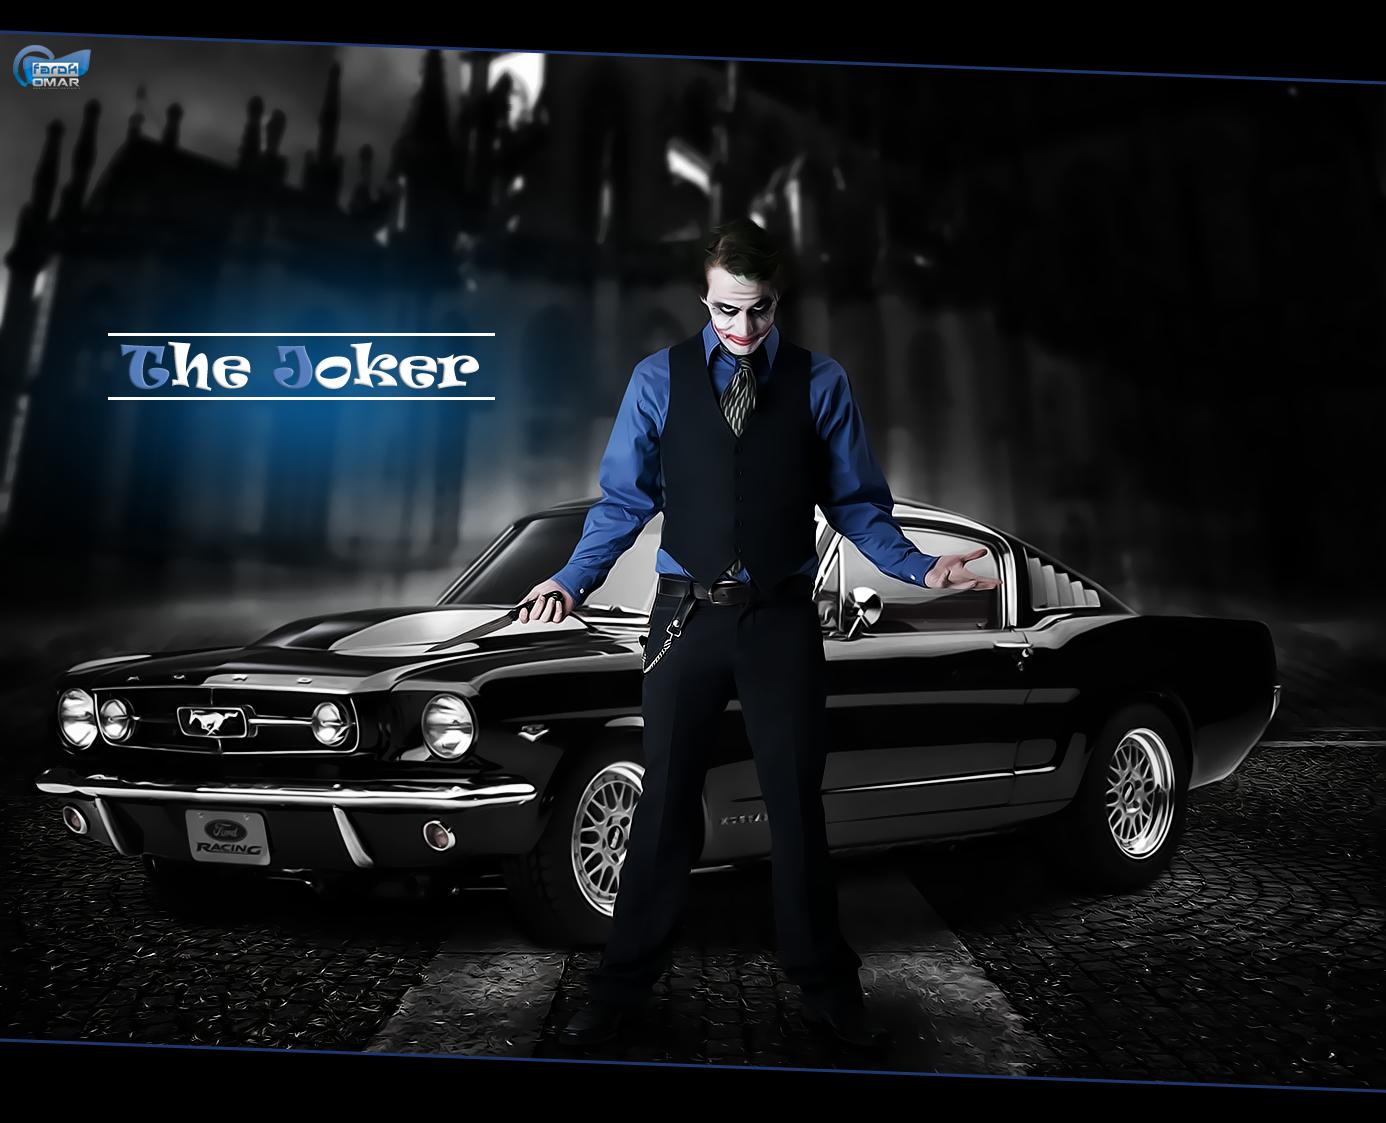 الجوكر The Joker